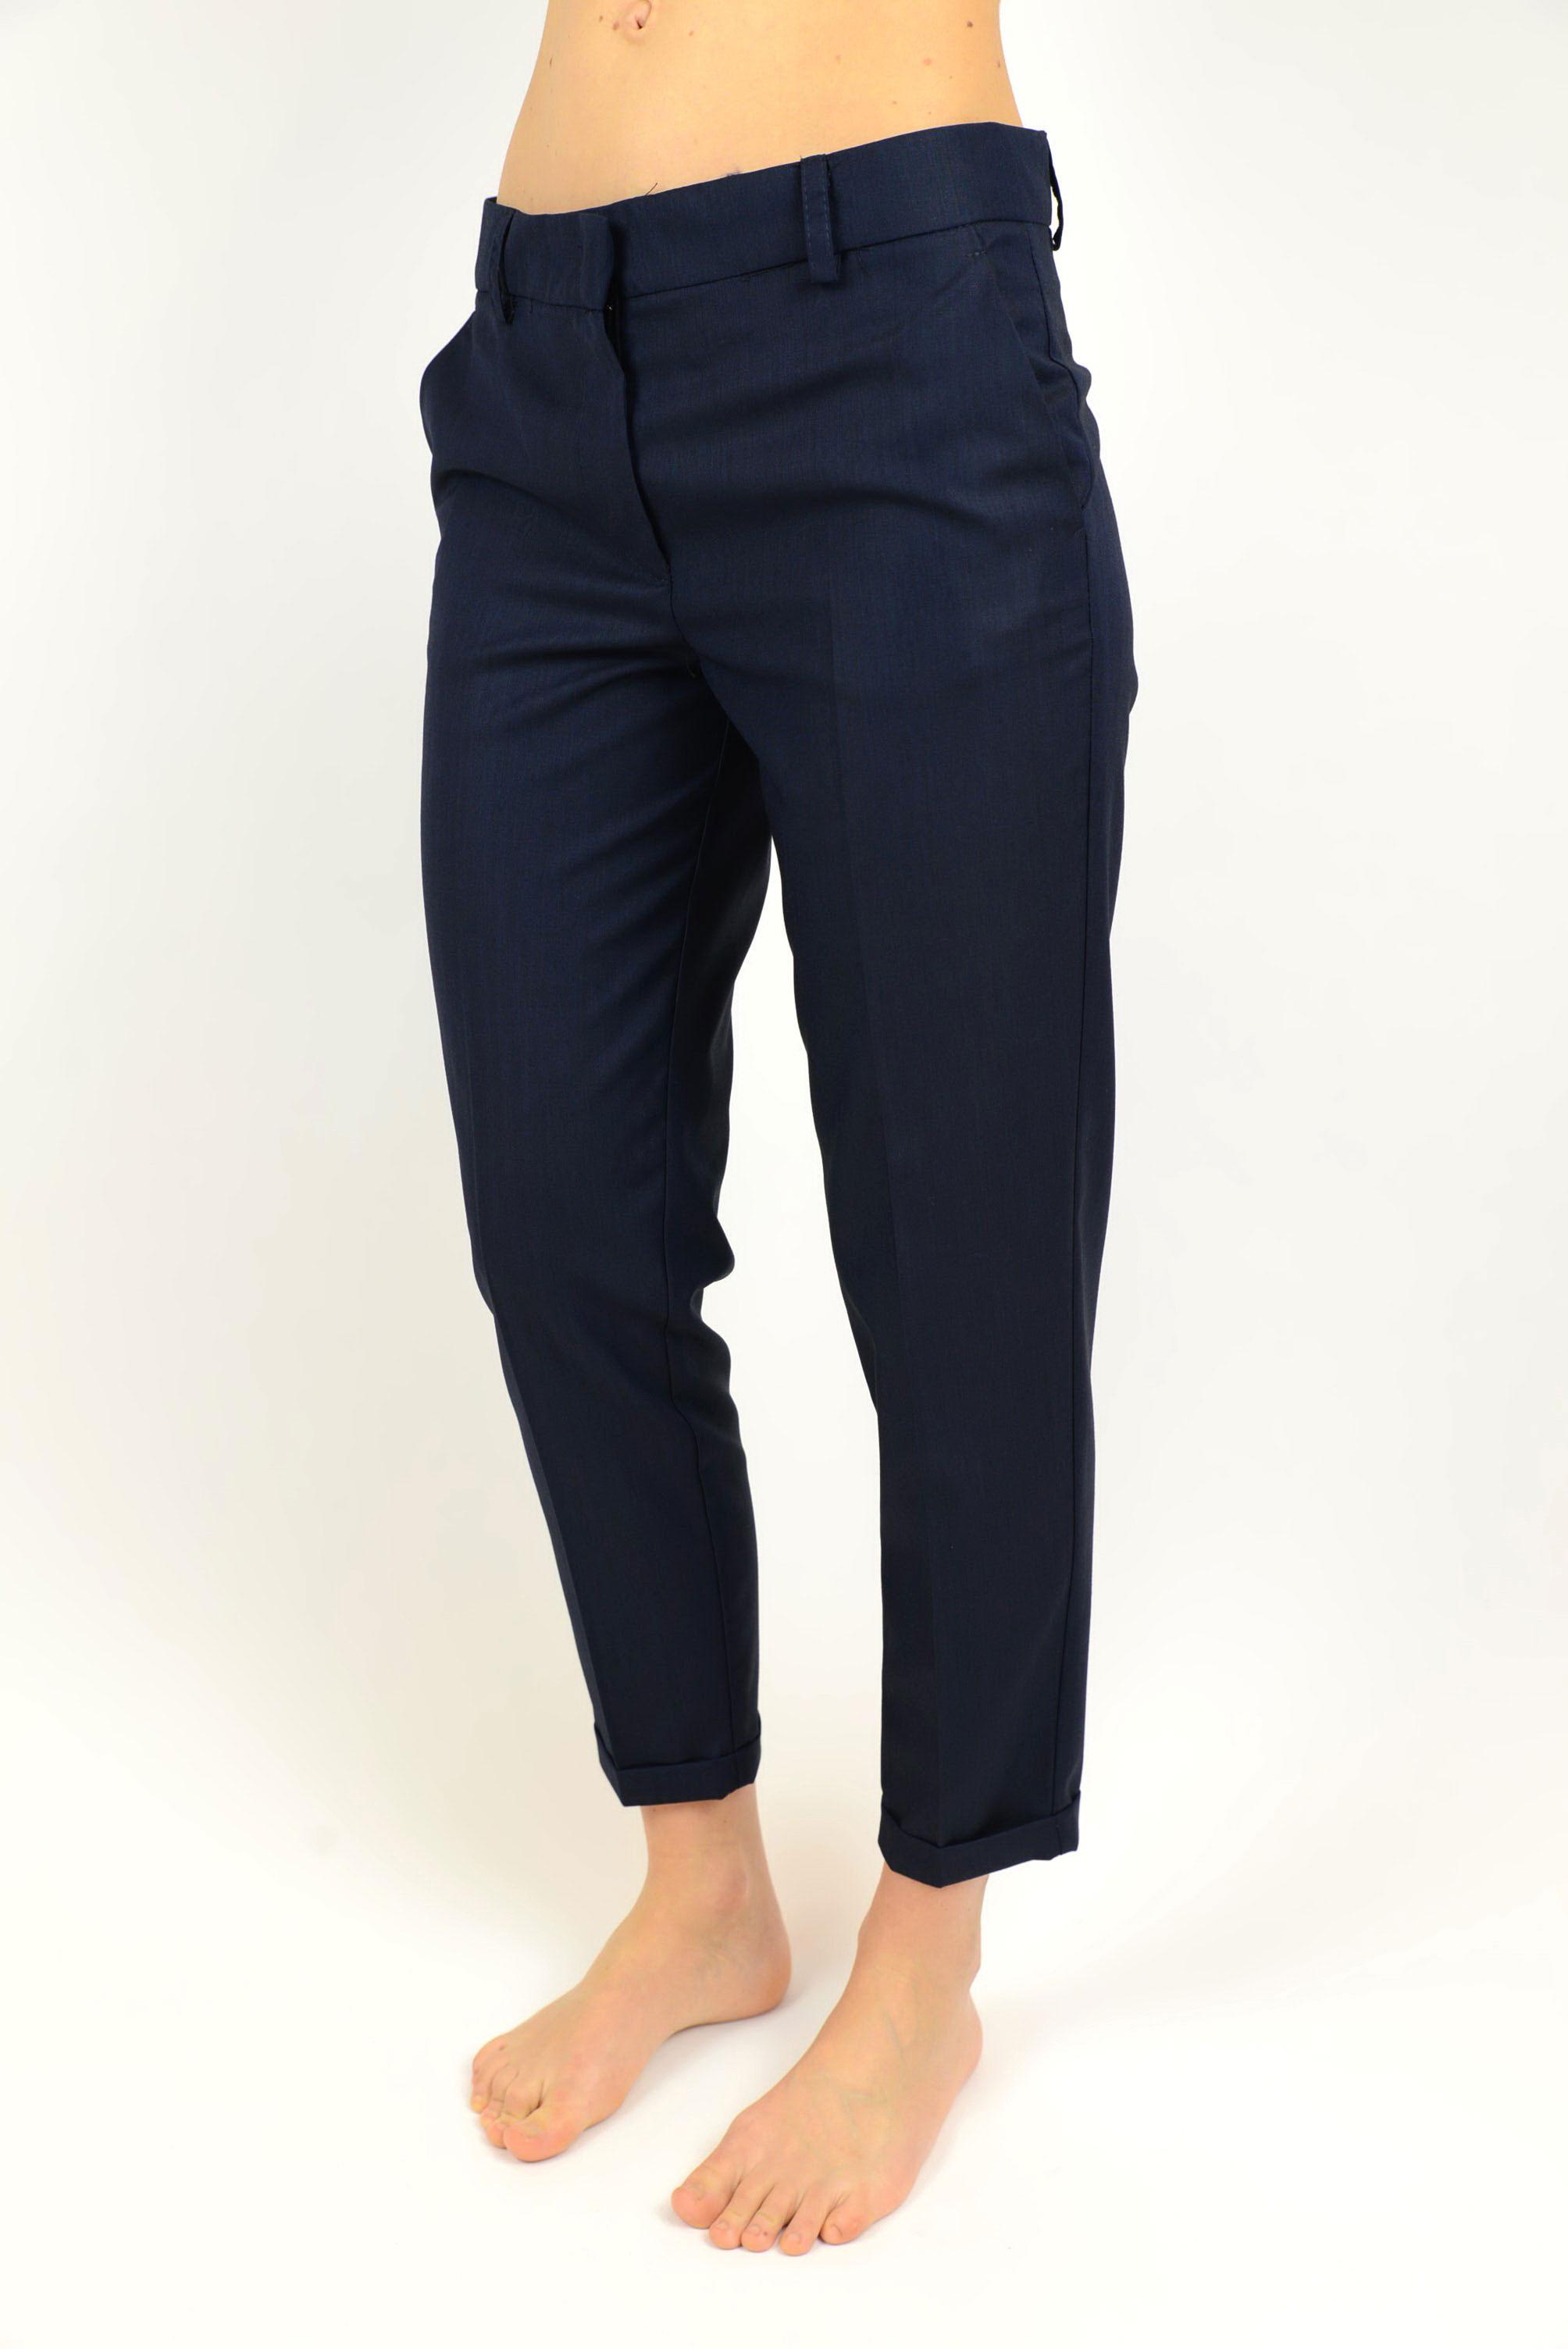 Pantalone elegante donna di Northland Vicolo - Pantaloni Donna  110879797c3